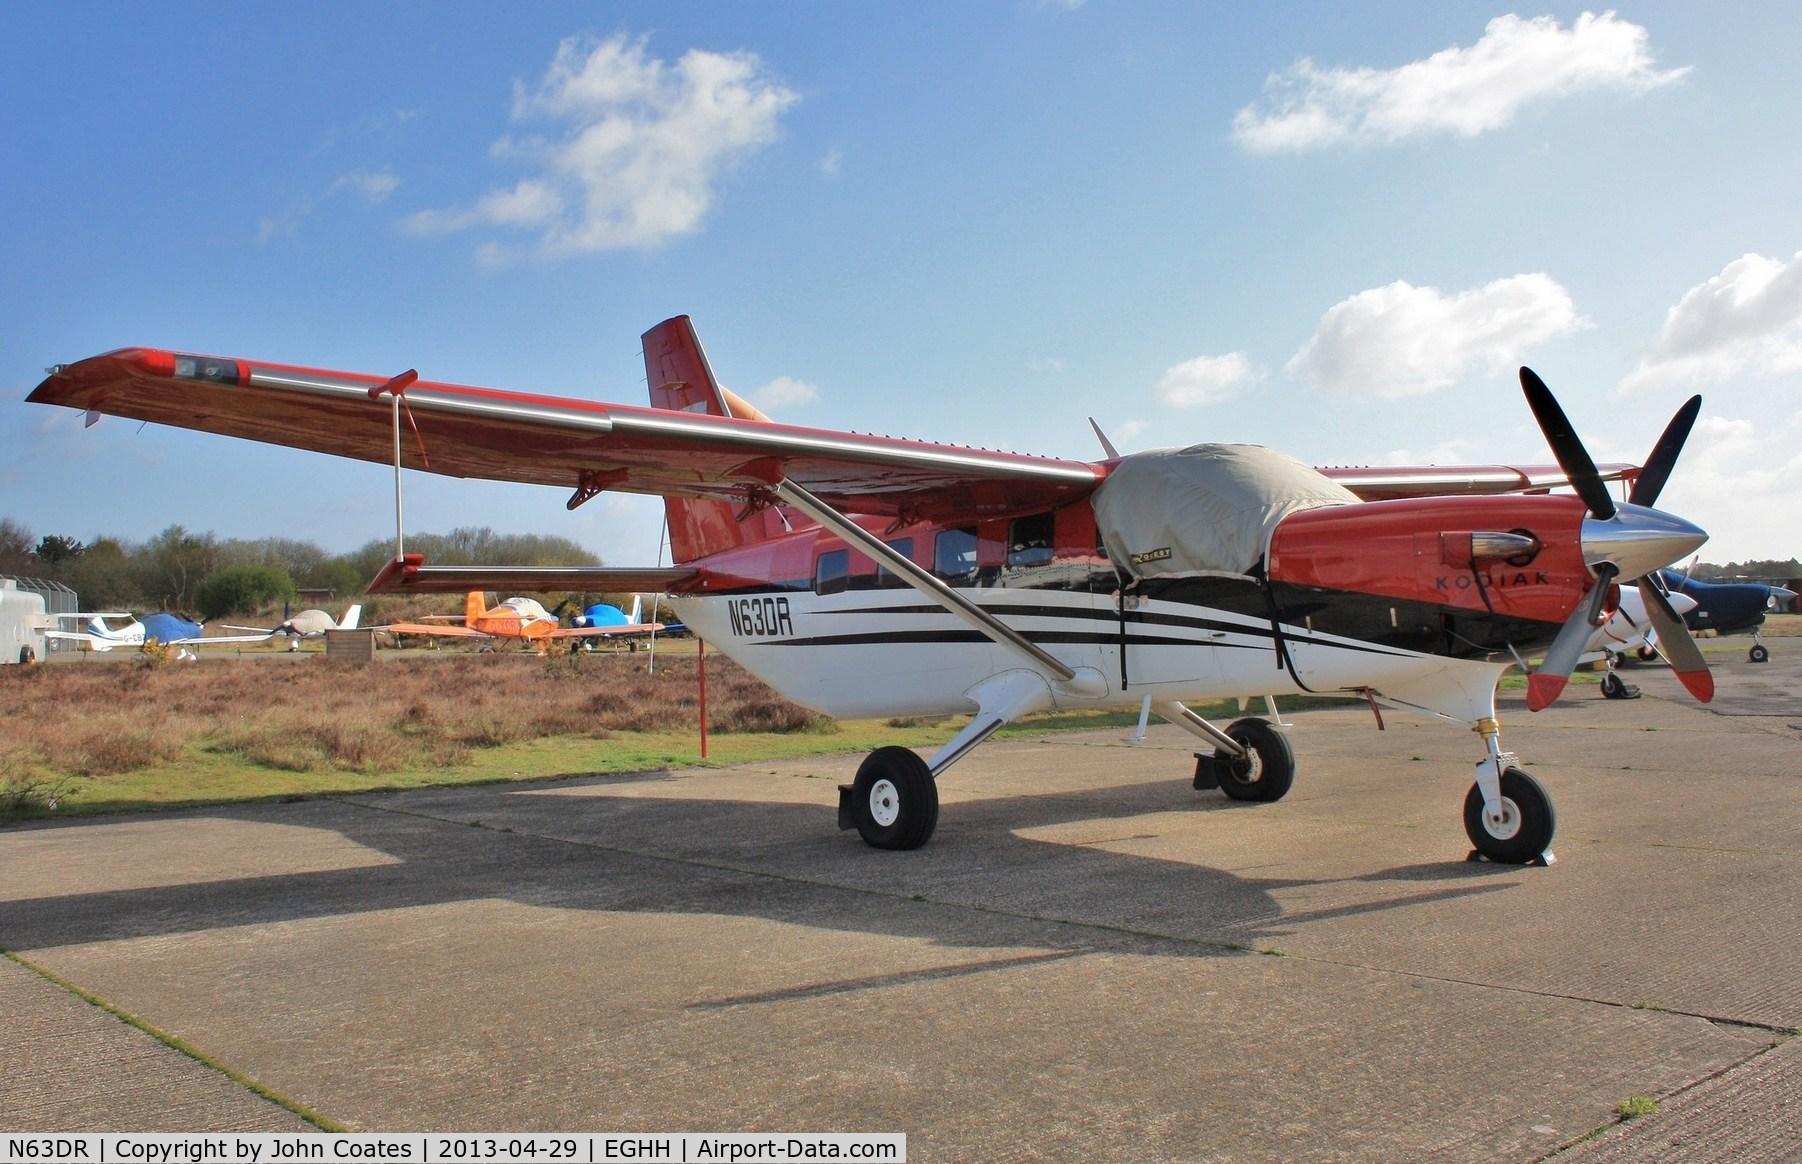 Aircraft N63DR (2010 Quest Kodiak 100 C/N 100-0045) Photo ...